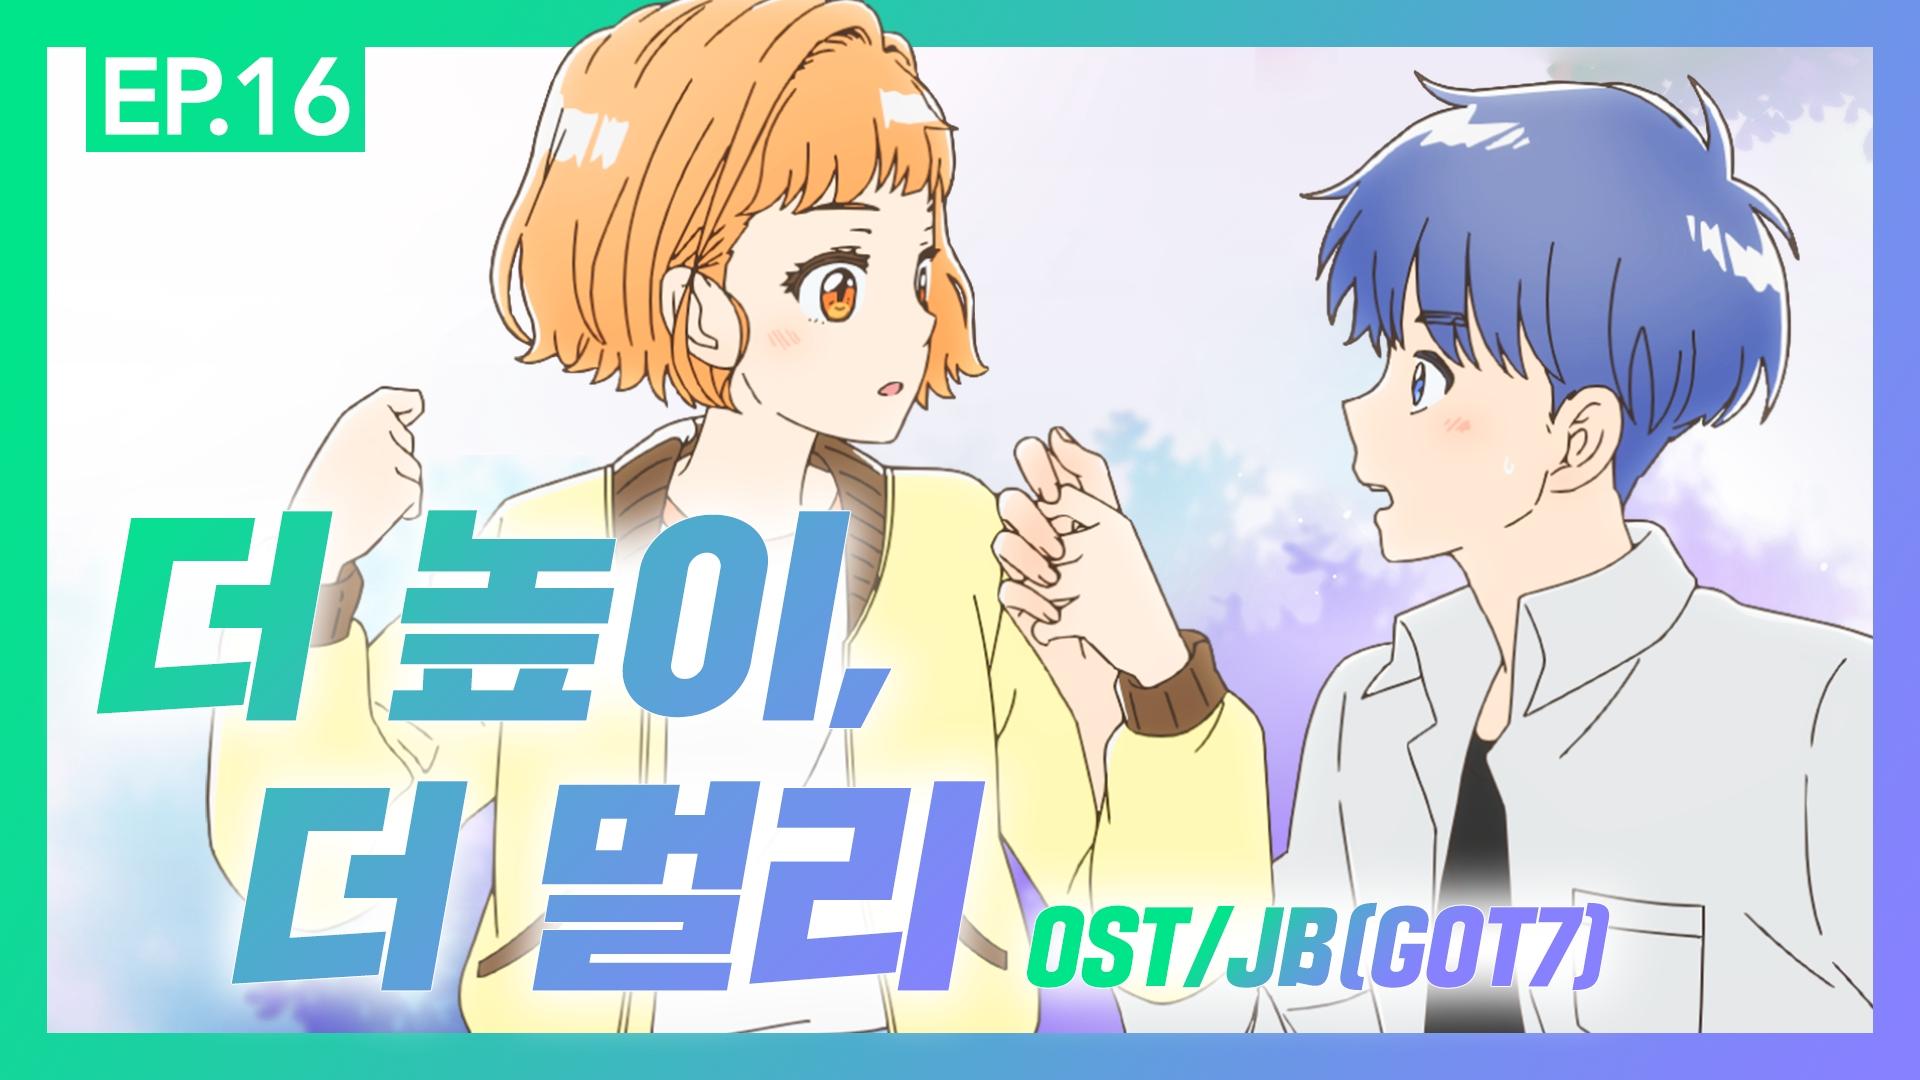 [연애하루전 ZERO] EP.16 더 높이, 더 멀리_OST/JB(GOT7)